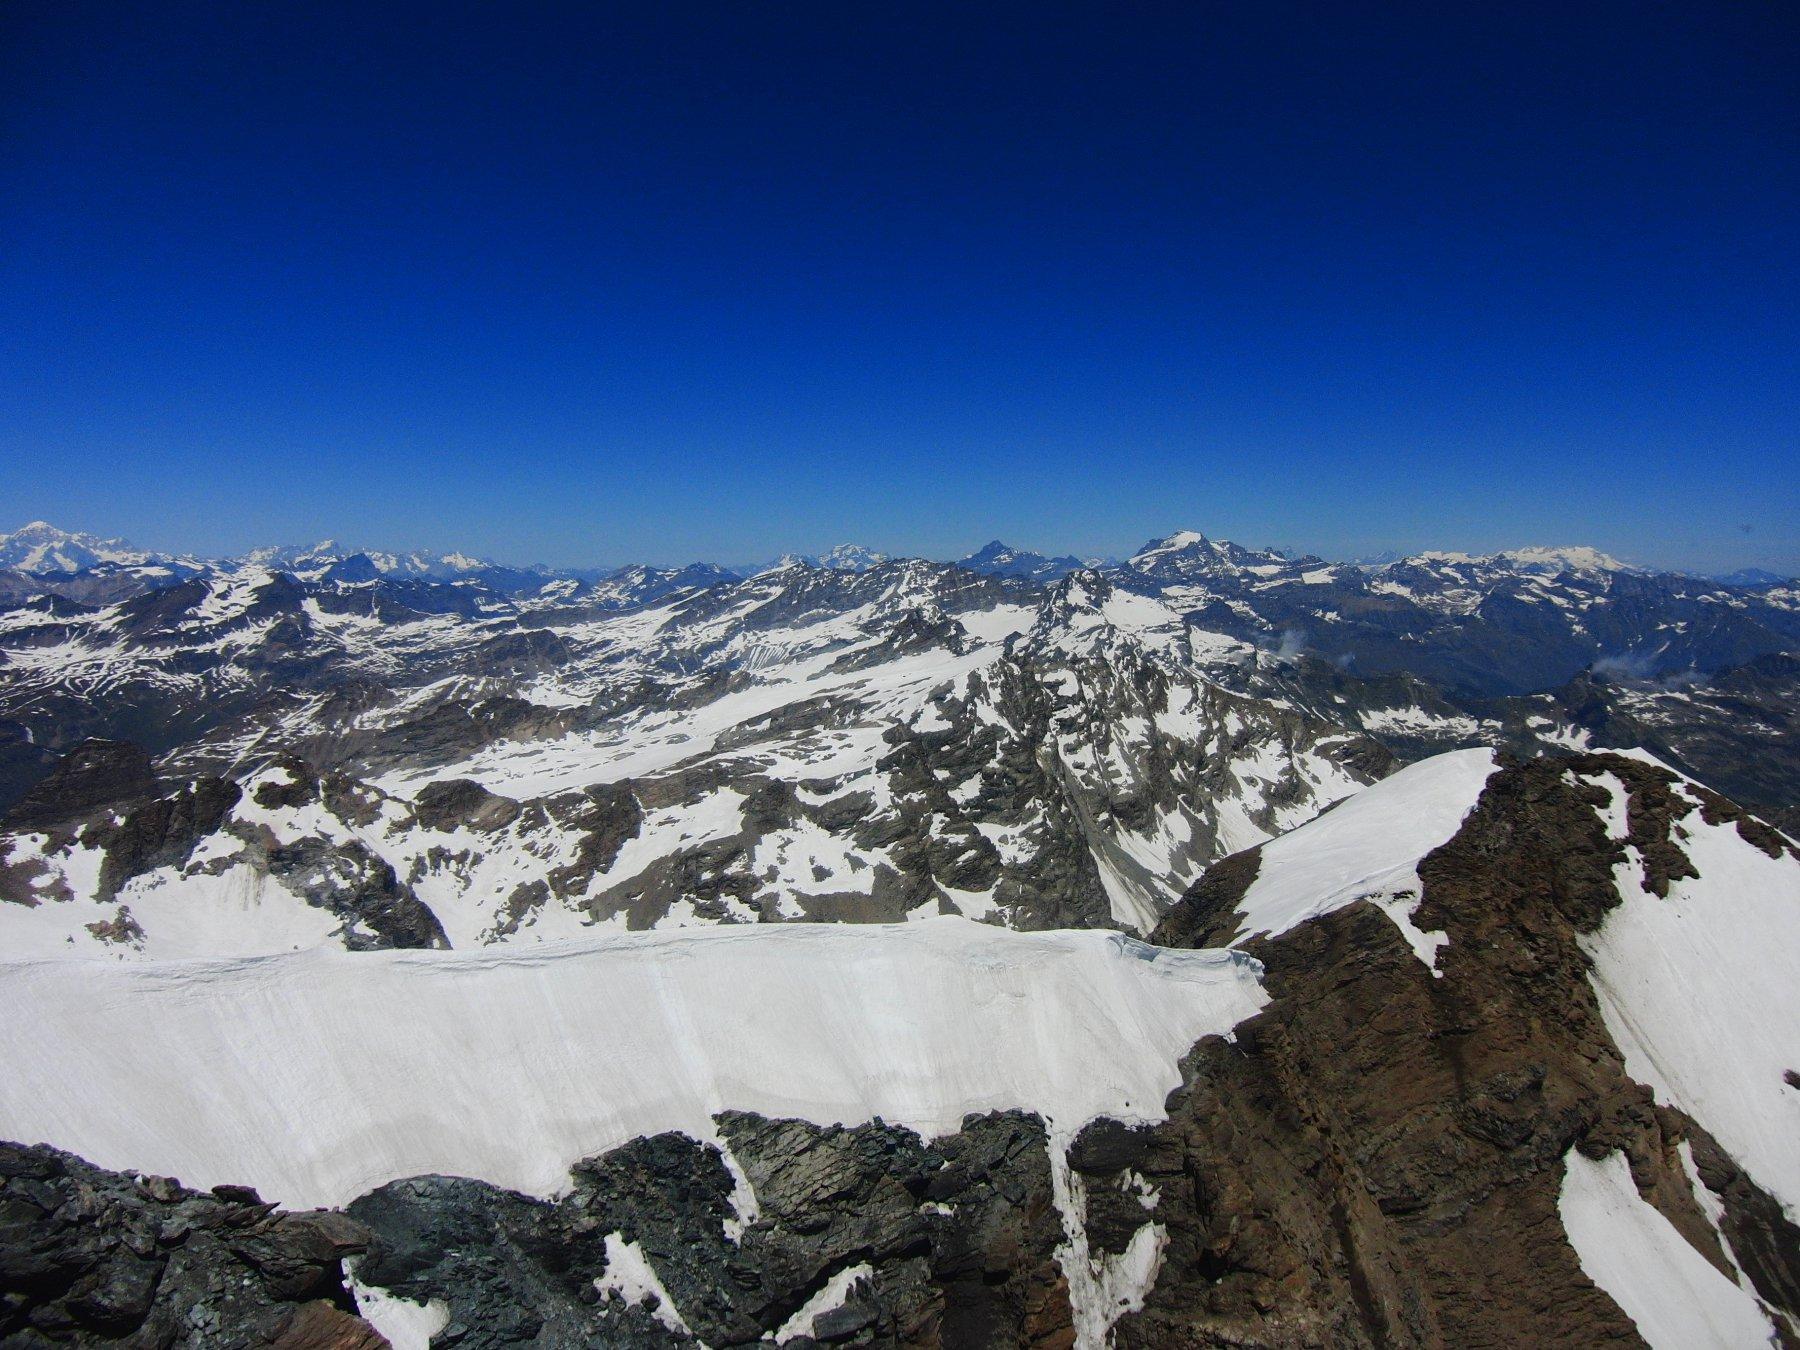 Vista dalla cima verso i giganti valdostani